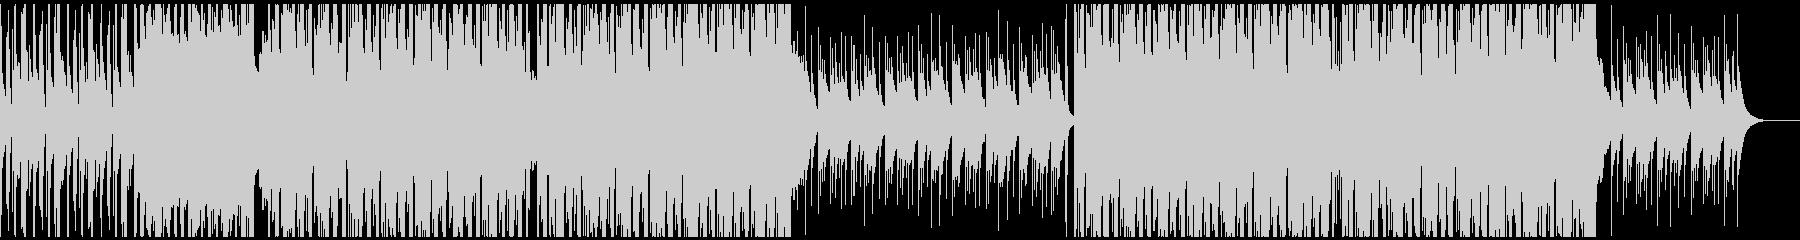 エキゾチックなダークファンタジーSの未再生の波形